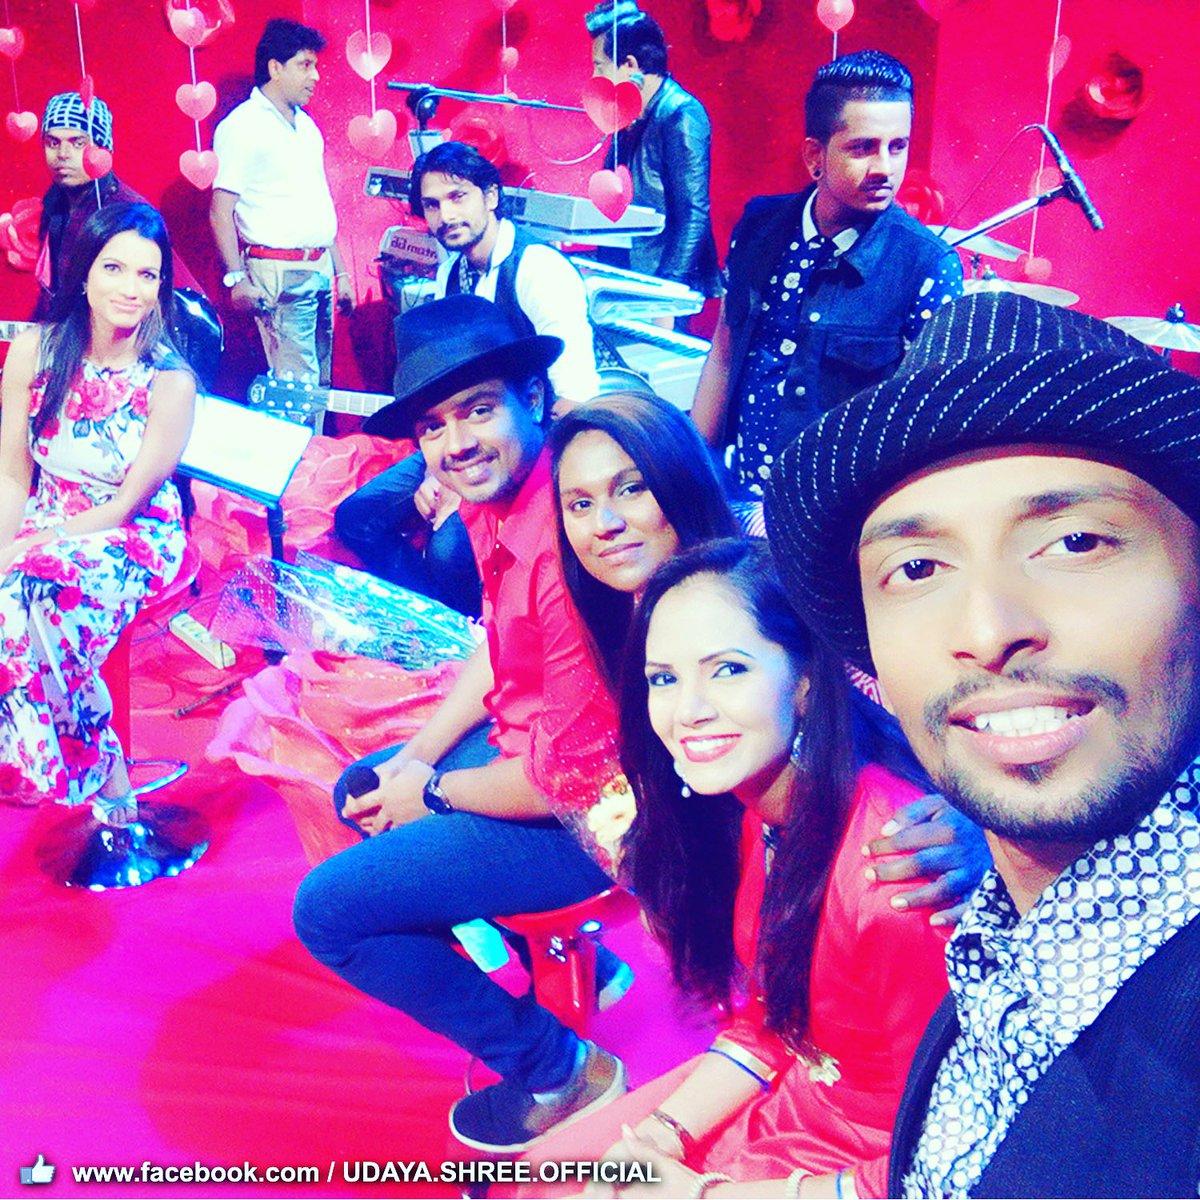 Boys over flowers tv derana - Good Morning Friends Throwback From Tv Derana Valentine S Special Udayashree 2k17 Deranatv